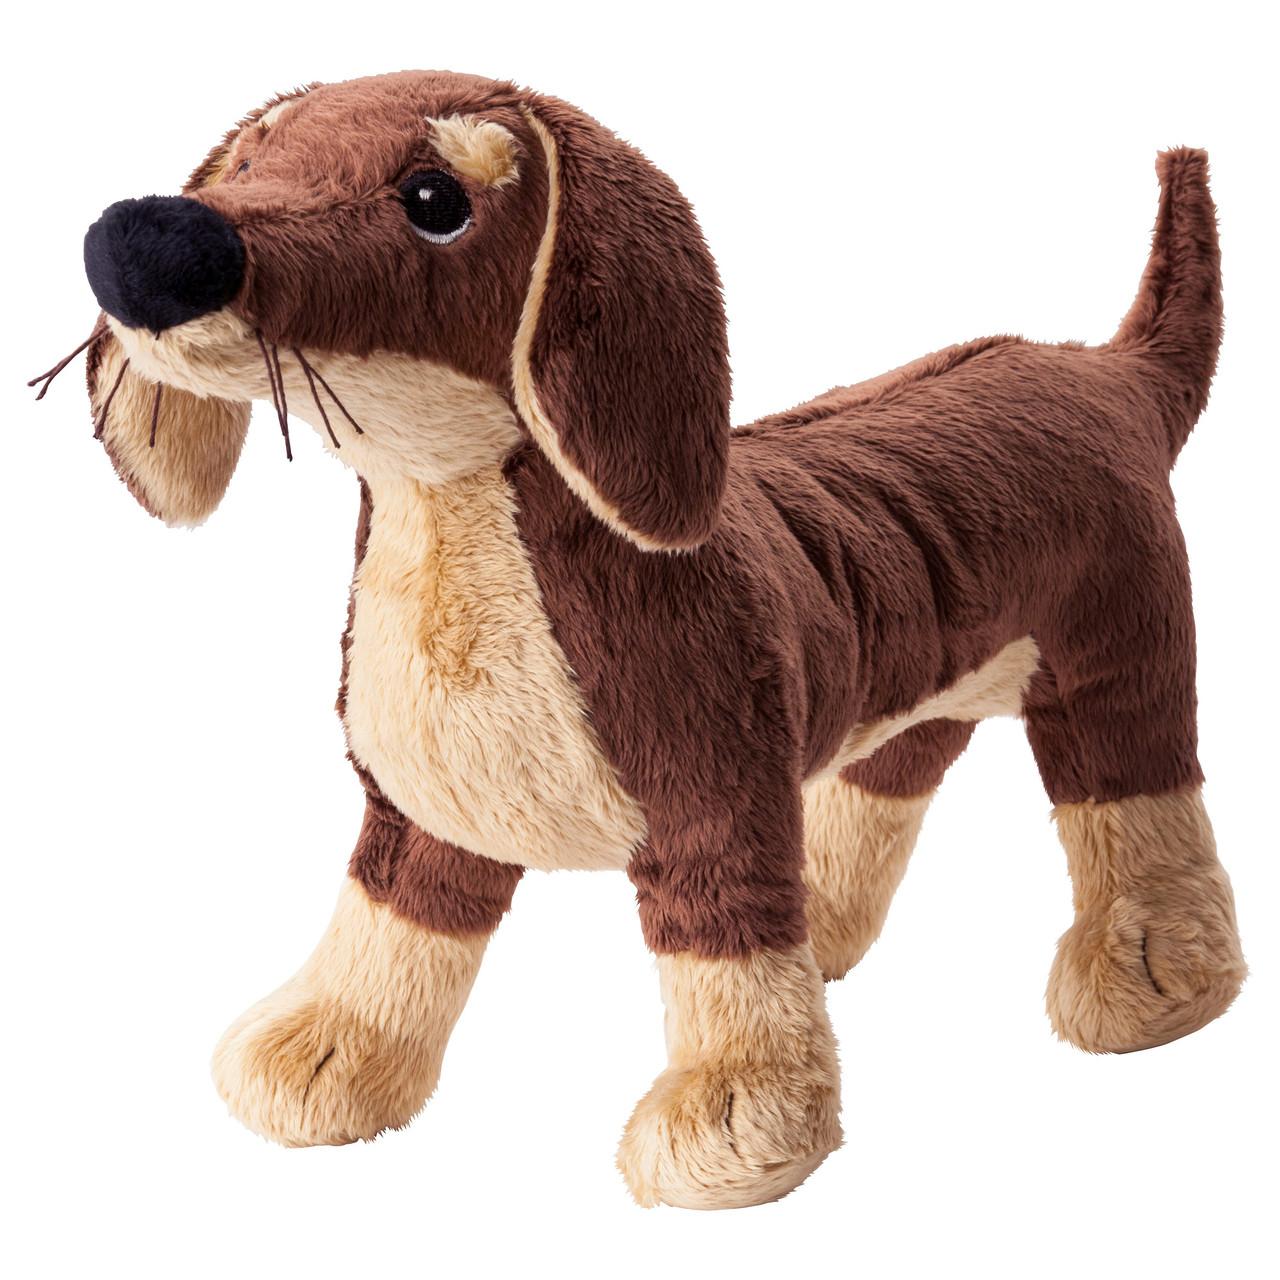 СМОСЛУГ Мягкая игрушка, собака такса, коричневый, 20260445, ИКЕА, IKEA, SMÅSLUG